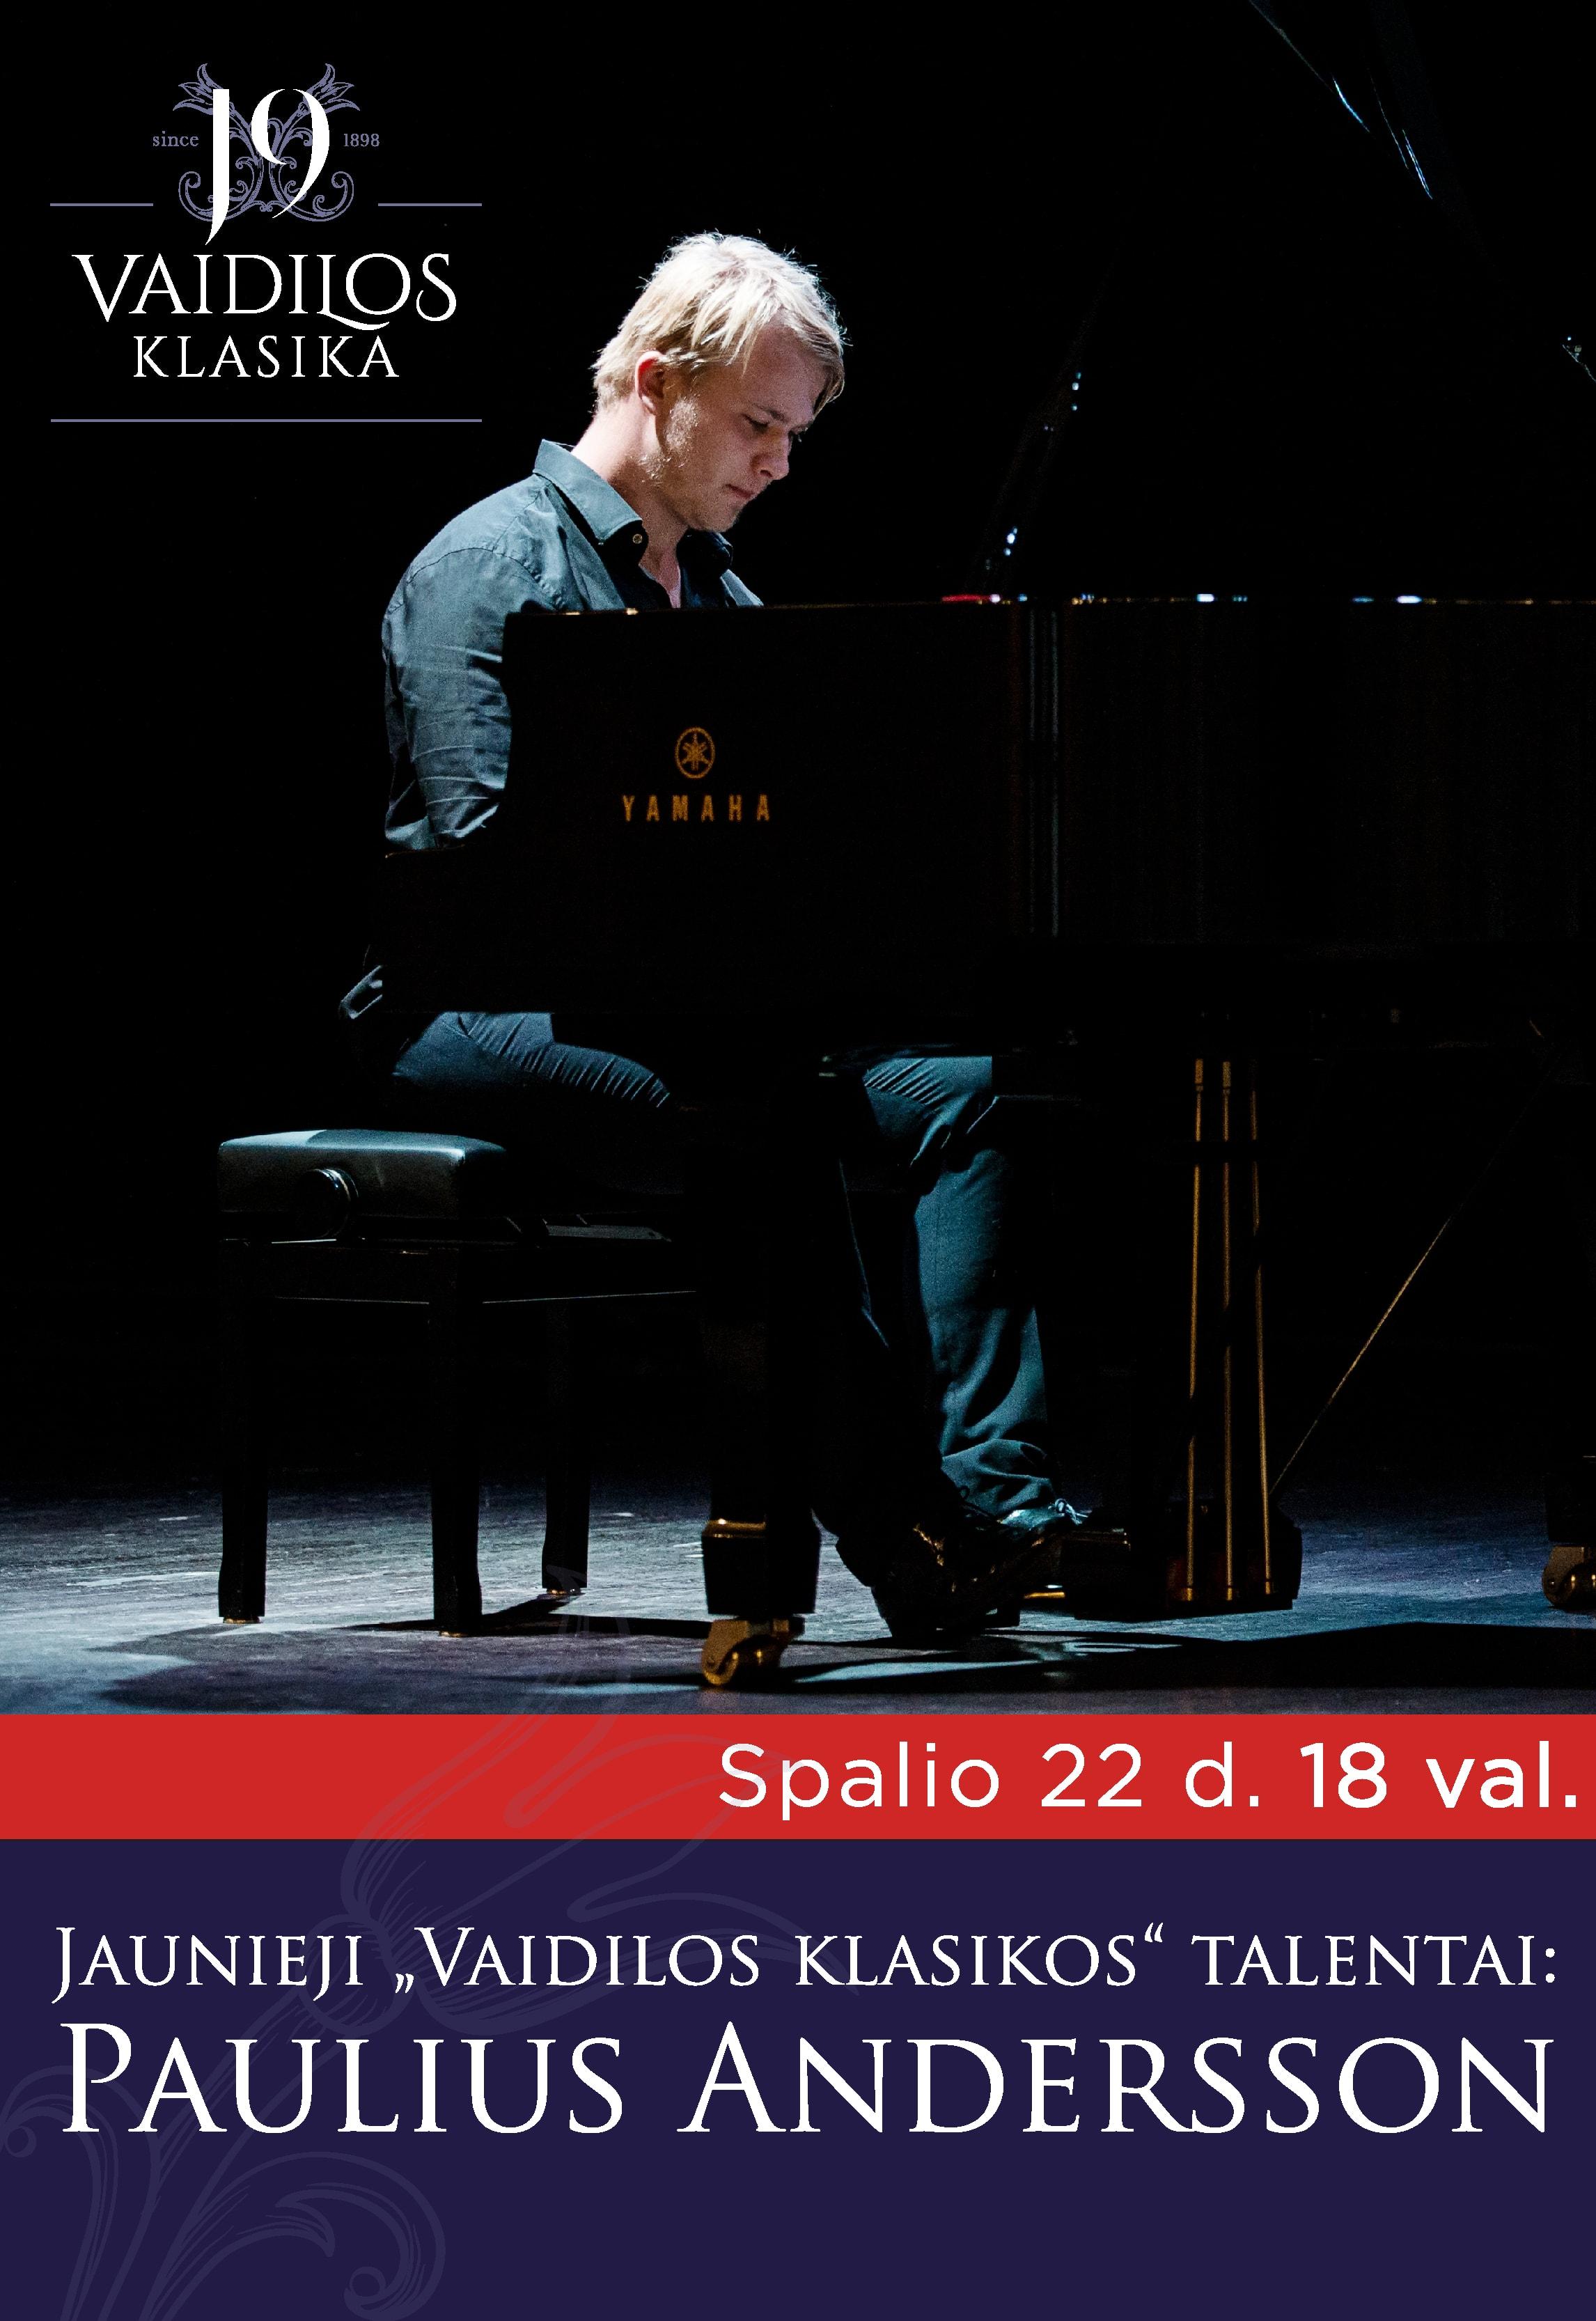 Jaunieji ''Vaidilos klasikos'' talentai: Paulius Andersson